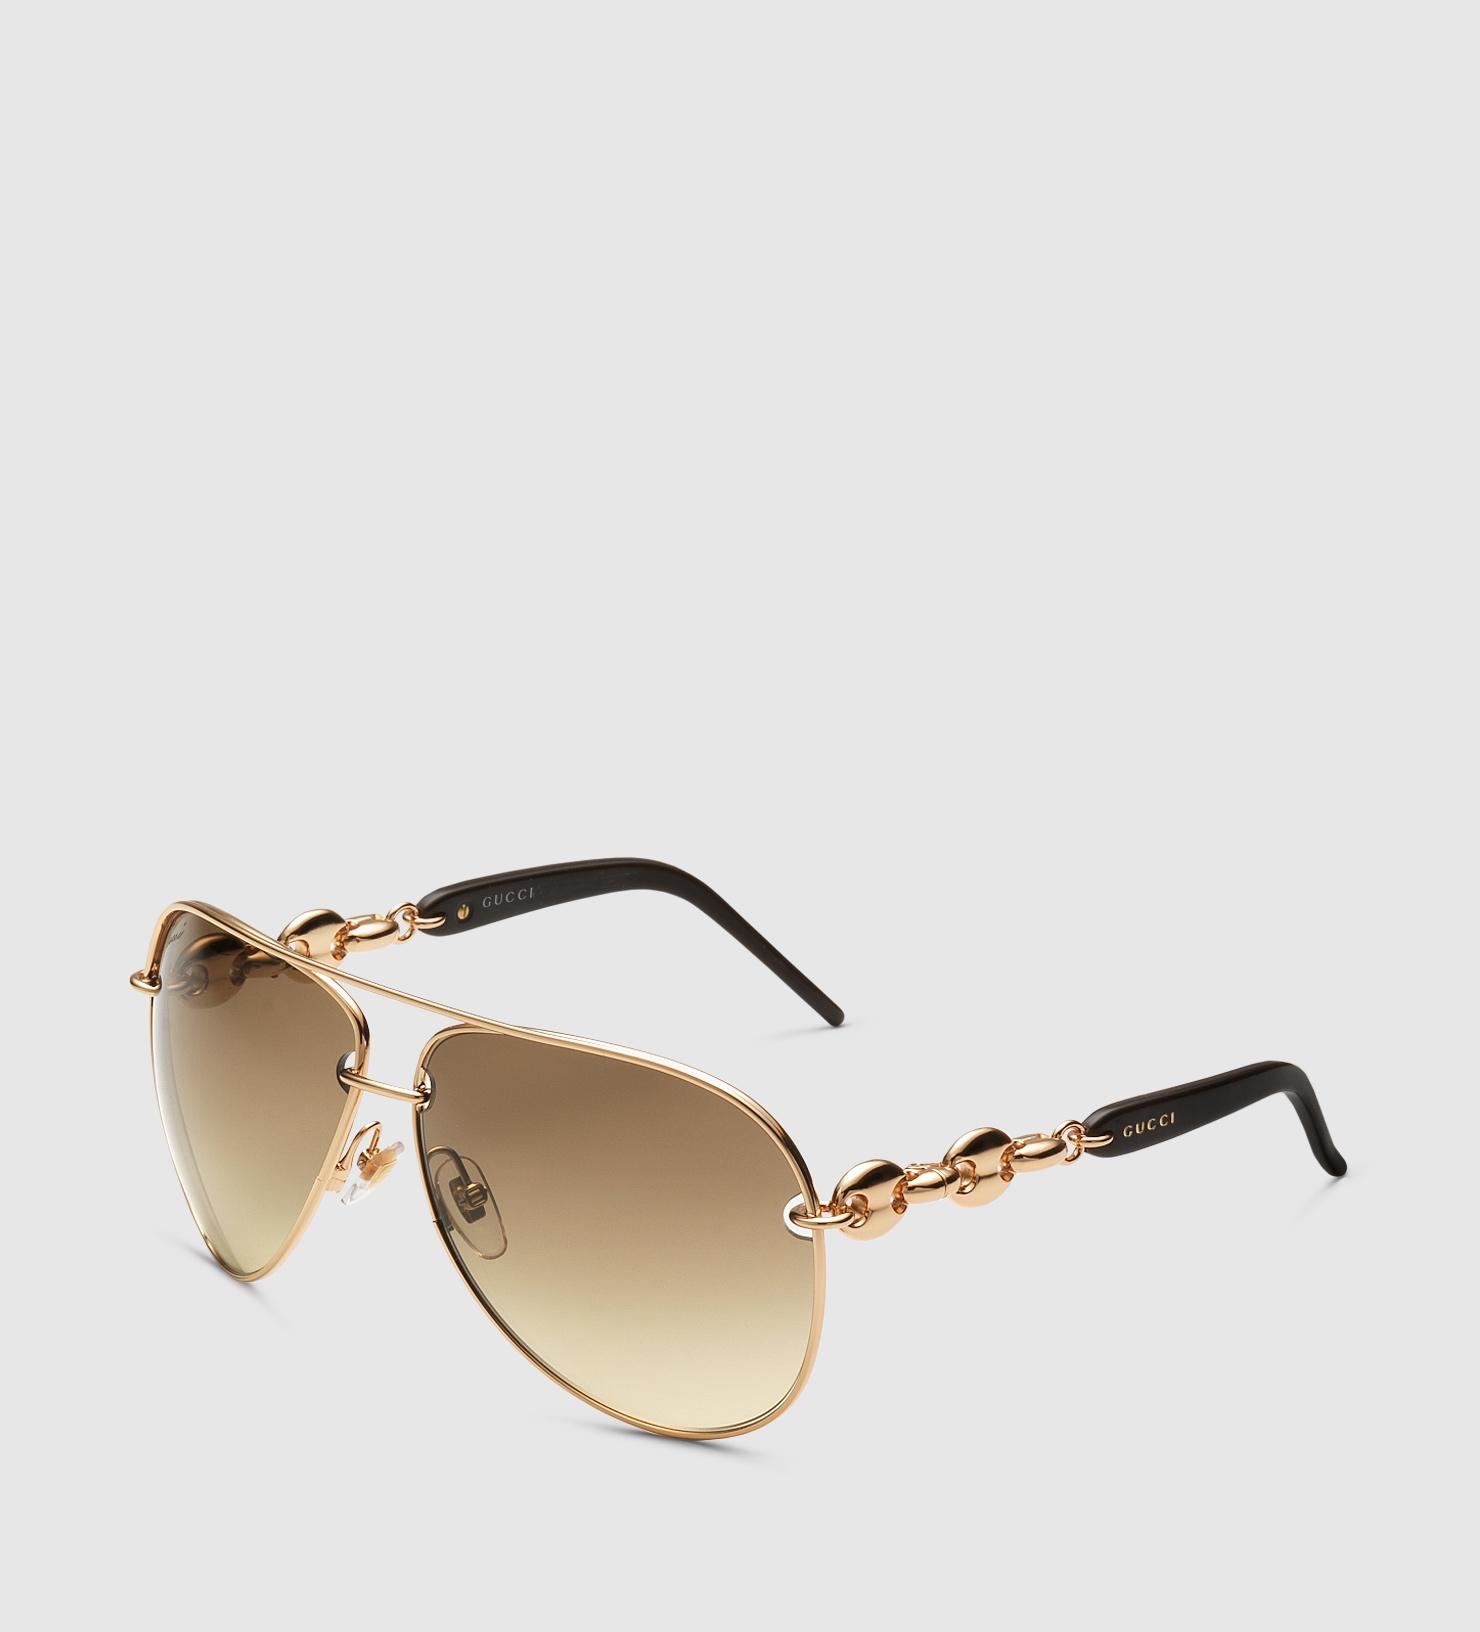 d0449e29b0c Lyst - Gucci Copper Gold Aviator Sunglasses in Brown